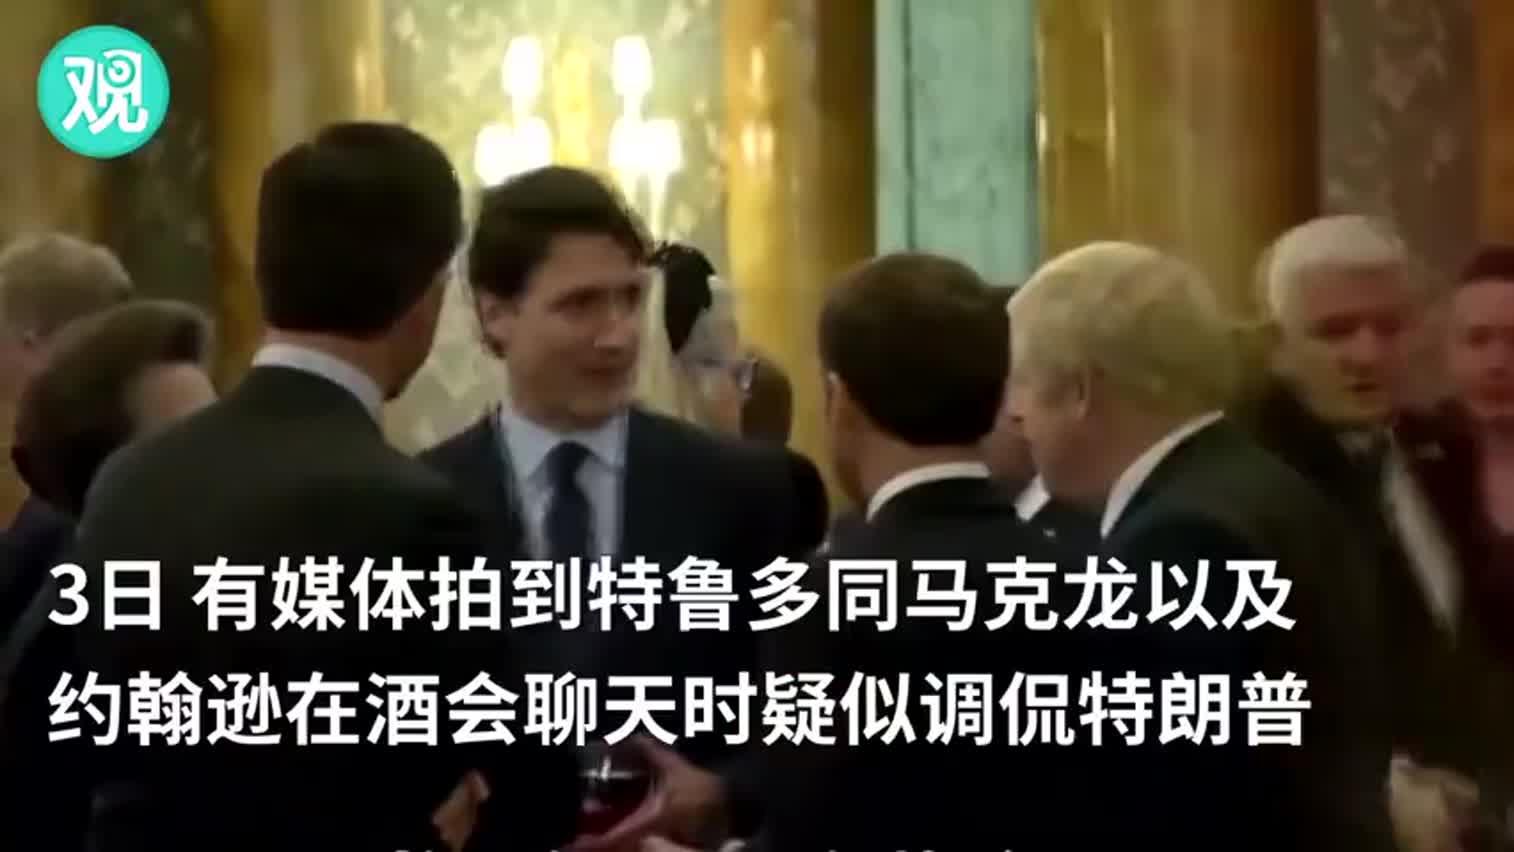 """视频-遭几国领导人私下""""调侃"""" 特朗普称特鲁多是"""